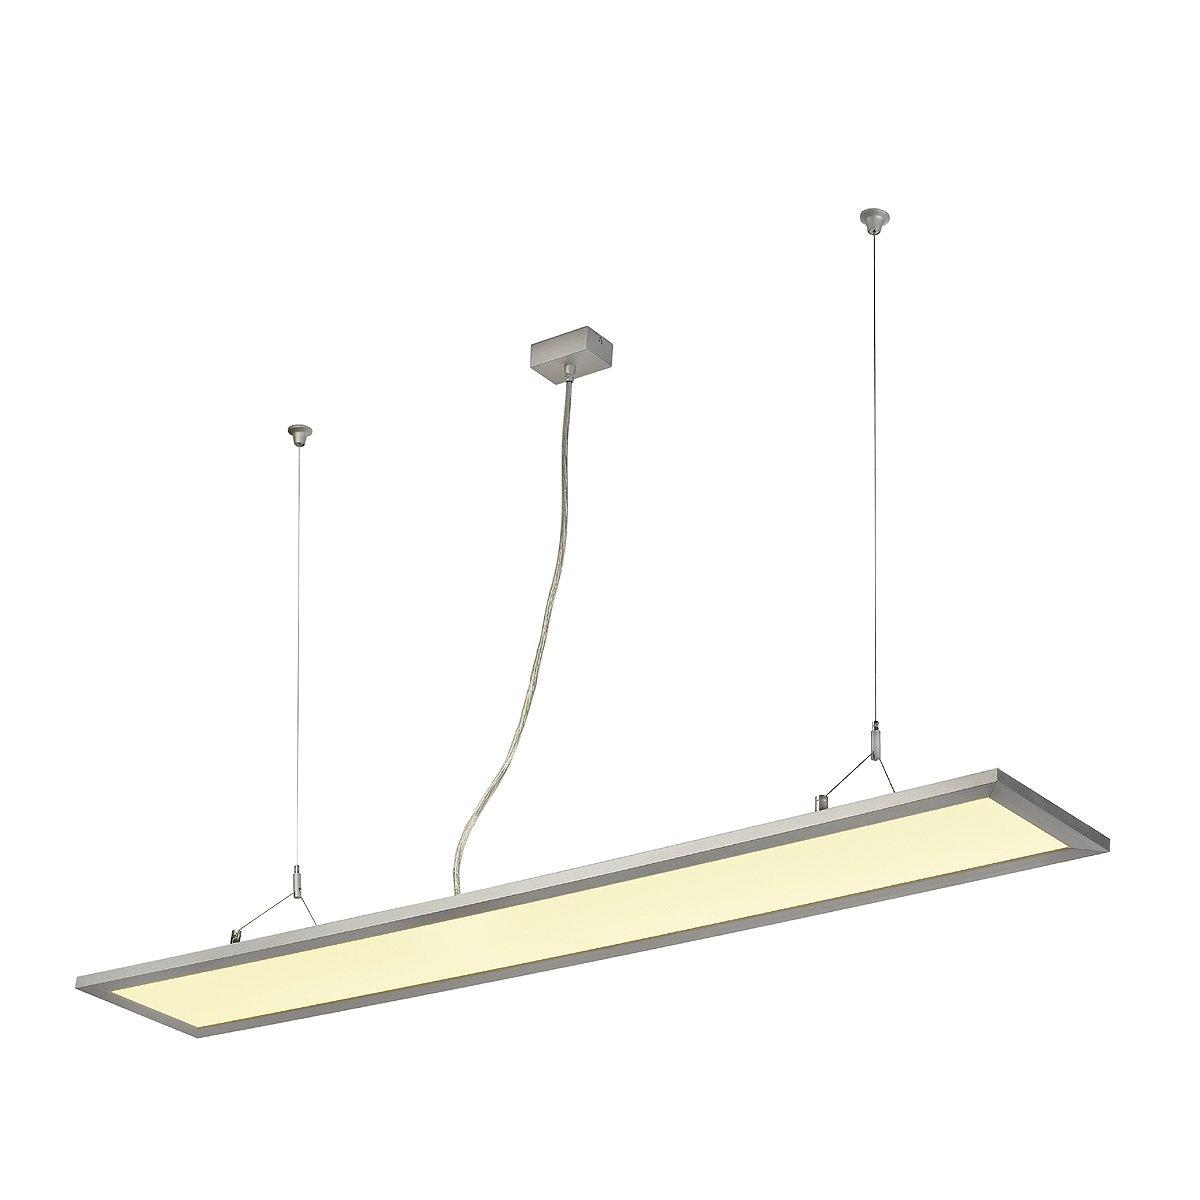 SLV LED Panel Long Pd 116, Rechteckig, Eloxiert, 96 LED, 48 W, 3000K 158532